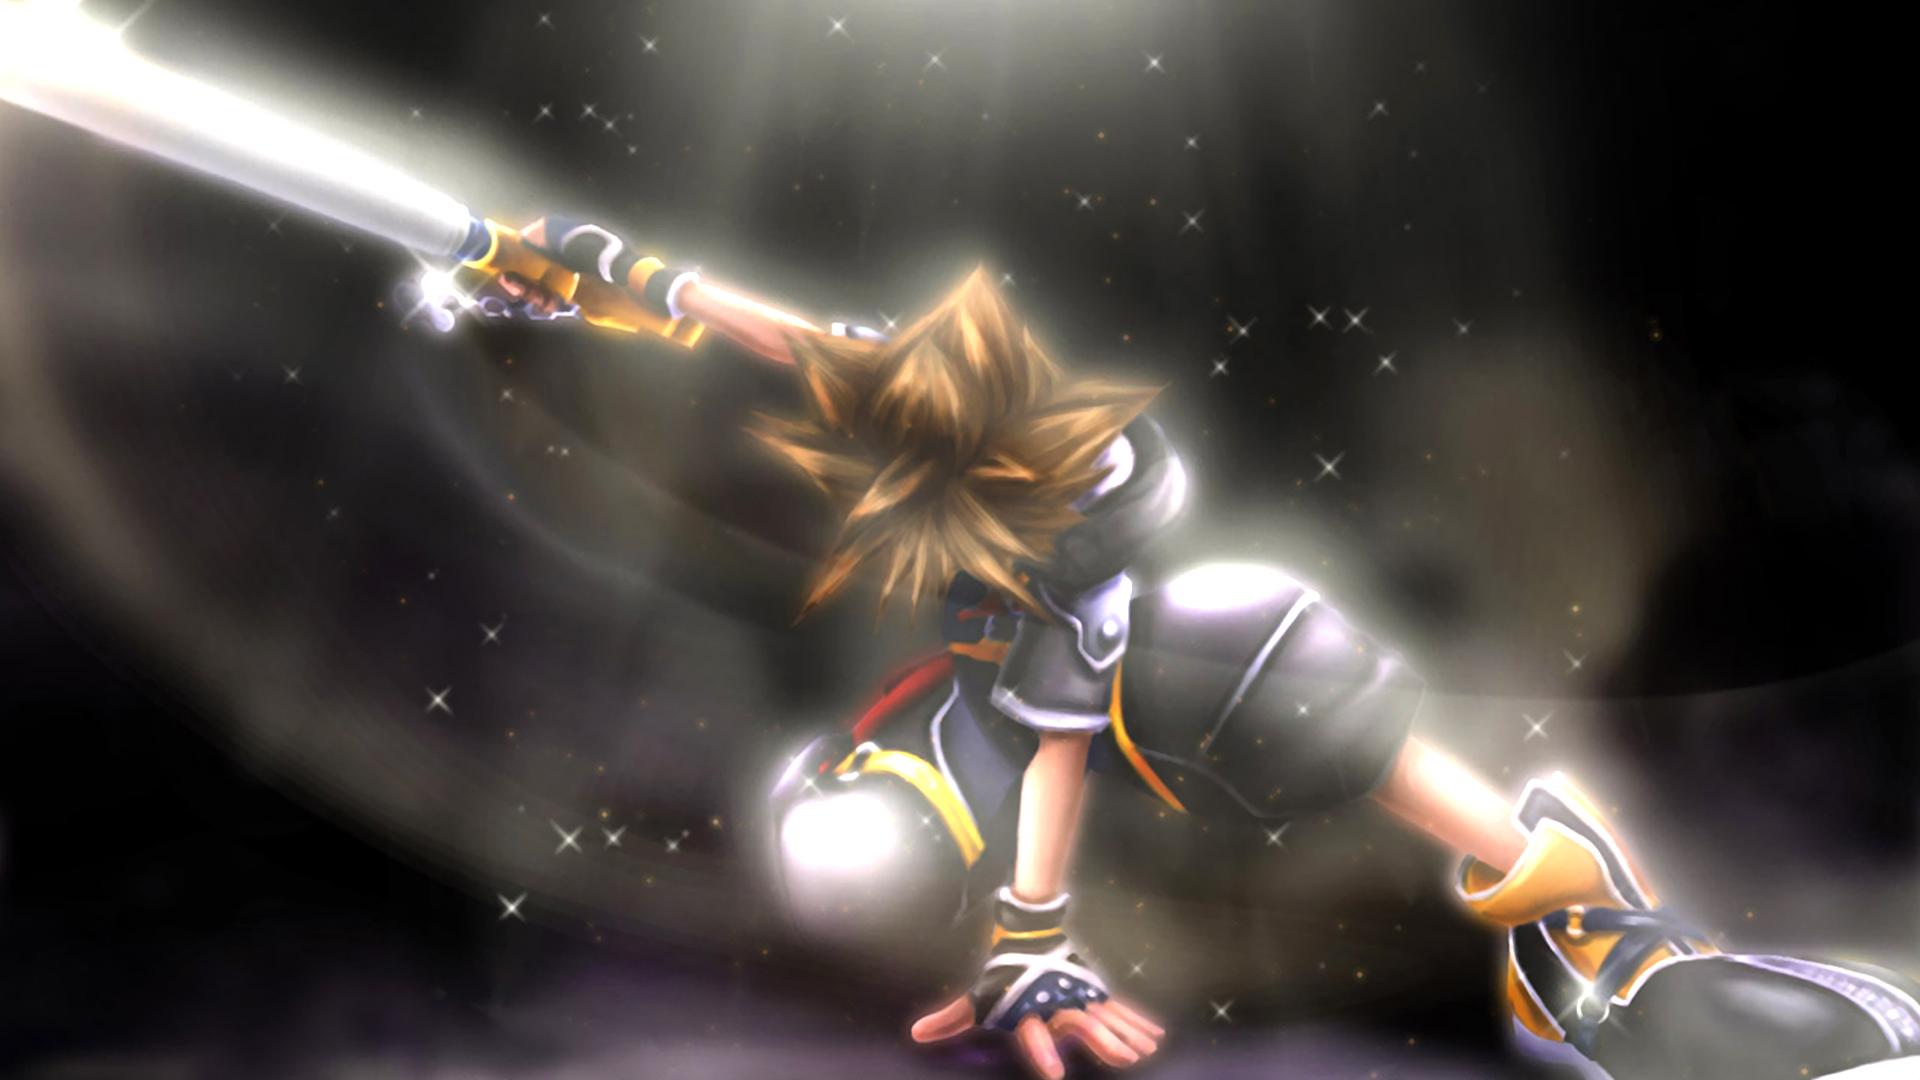 Kingdom Hearts HD wallpaper 1920x1080 52453 1920x1080